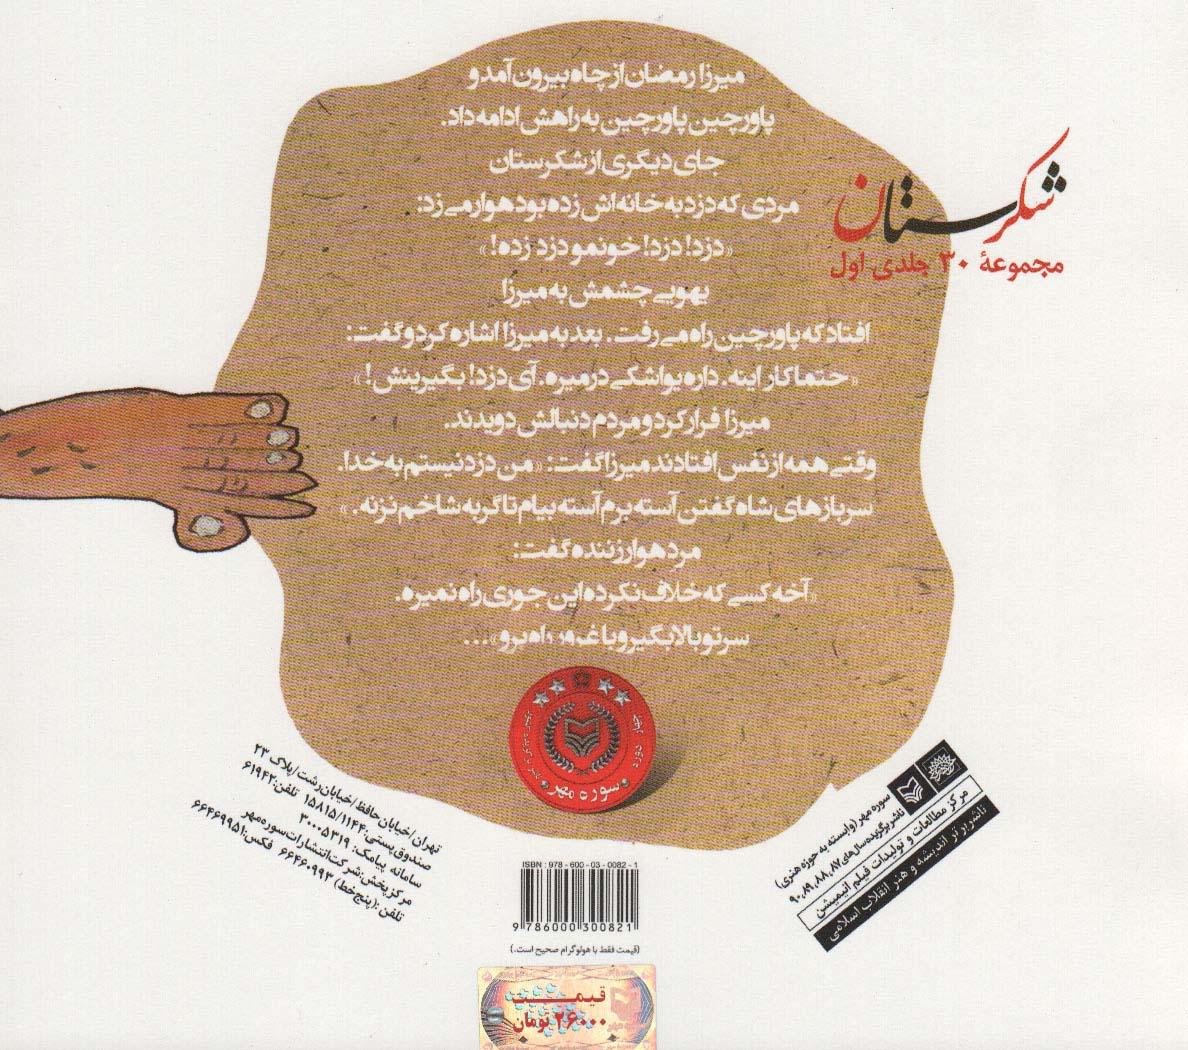 شکرستان و یک داستان (نیم مشت نمک)